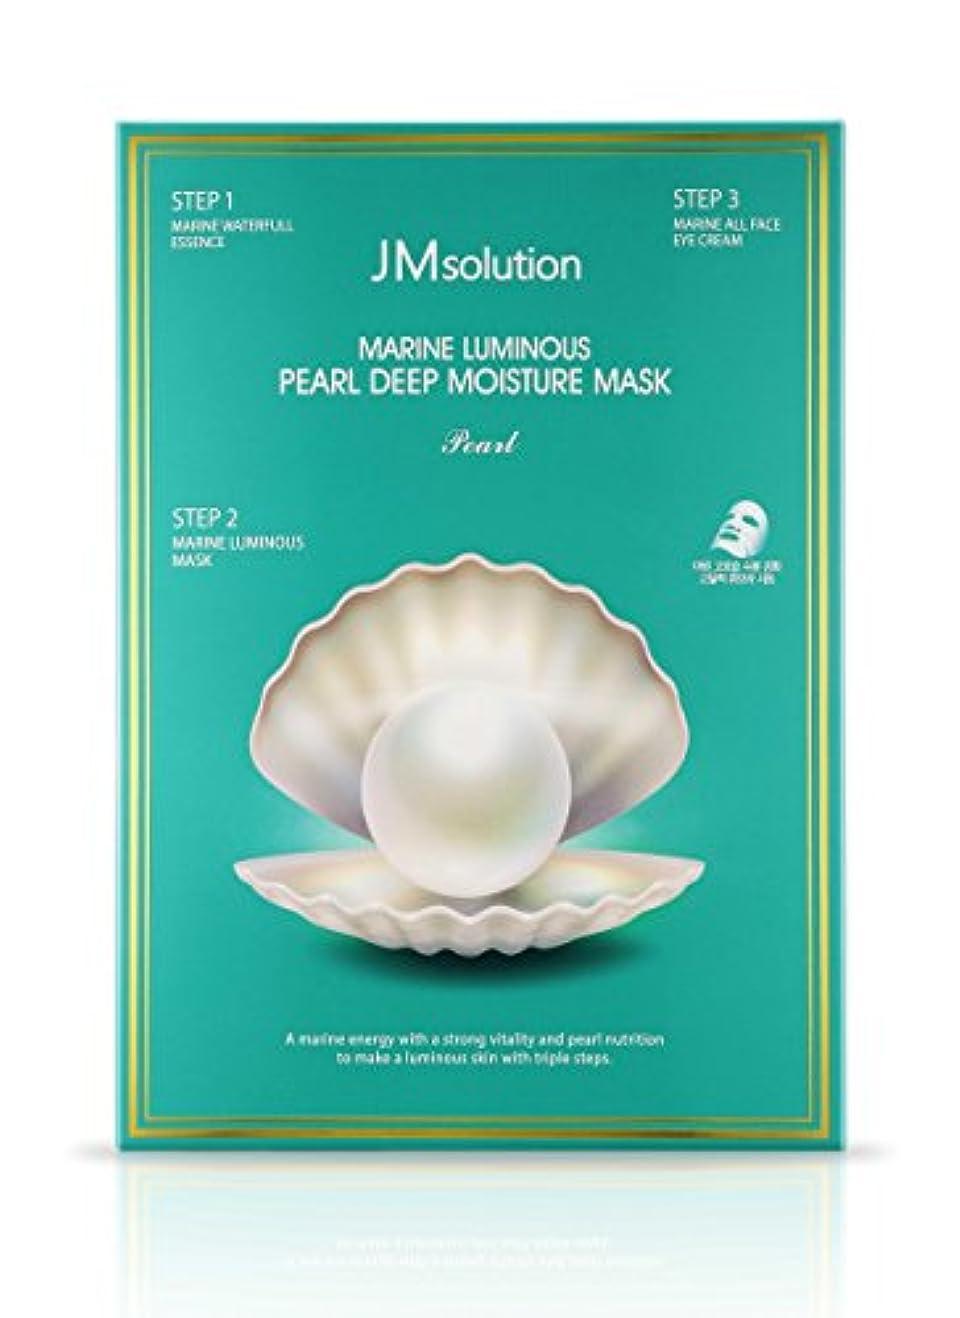 コンプリート中タイプJMソリューション JMsolution マリン ルミナス ディープ モイスチャー マスク 10枚入